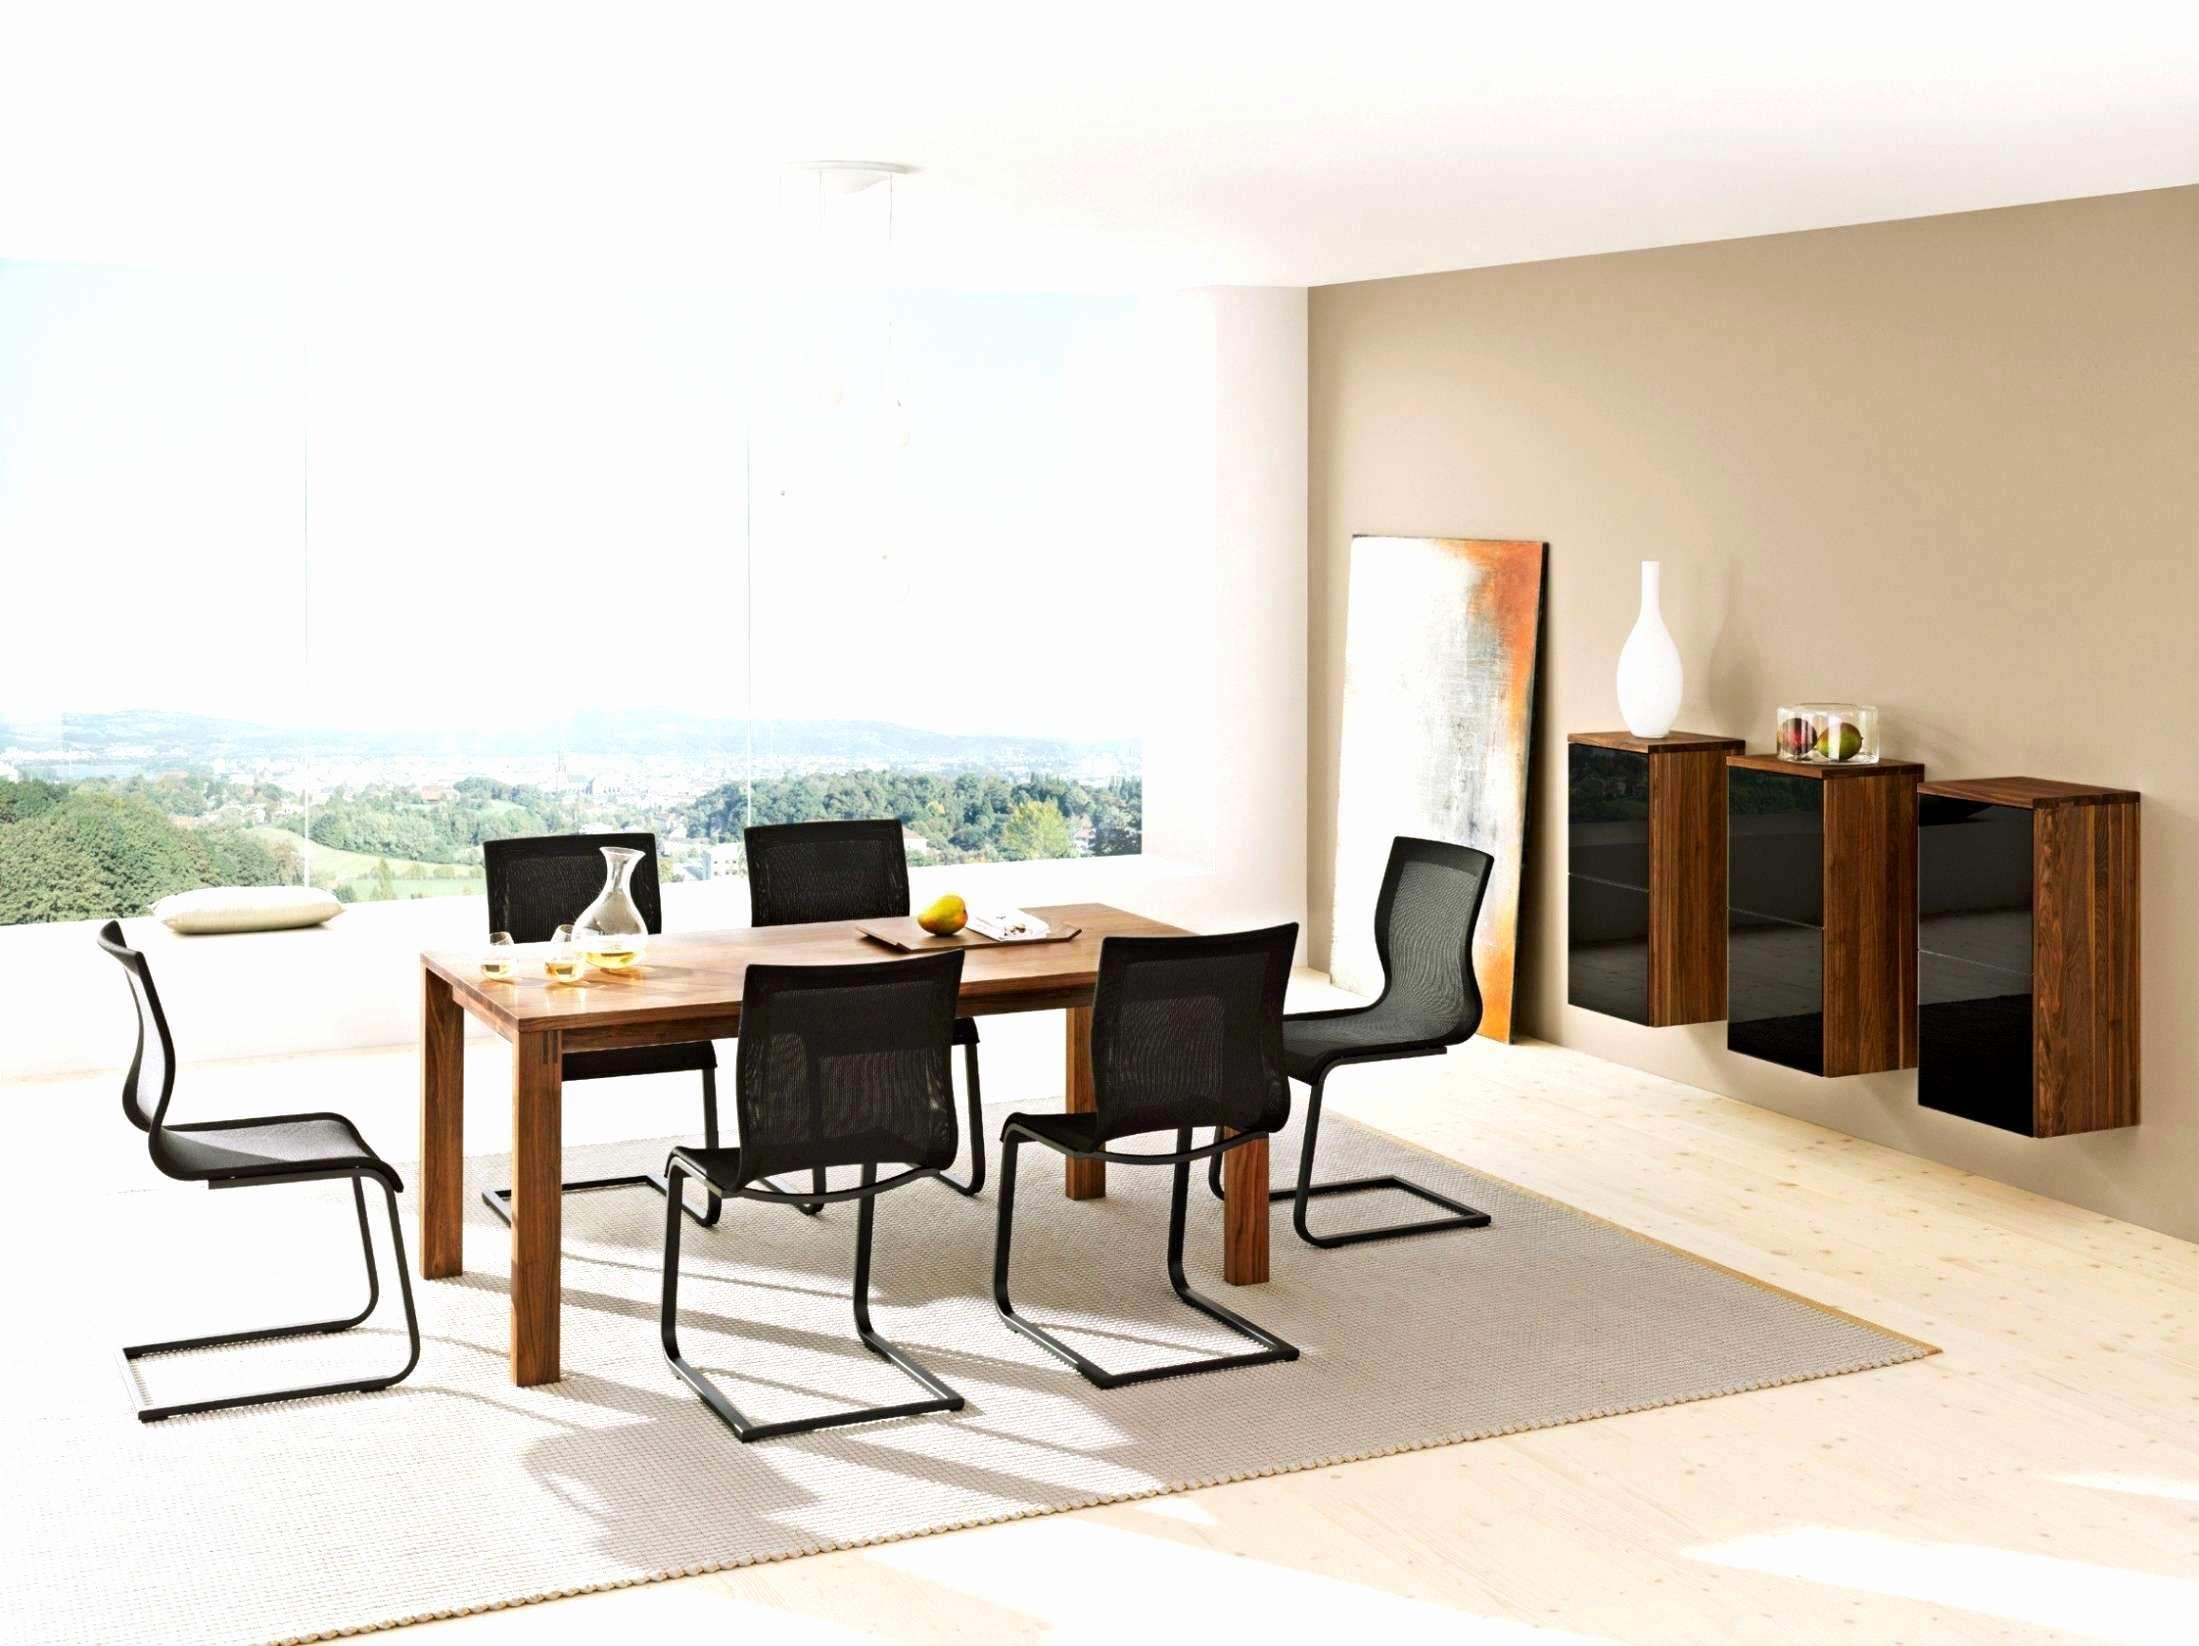 deko wohnzimmer selber machen genial 50 einzigartig von wohnzimmer deko selber machen meinung of deko wohnzimmer selber machen 1